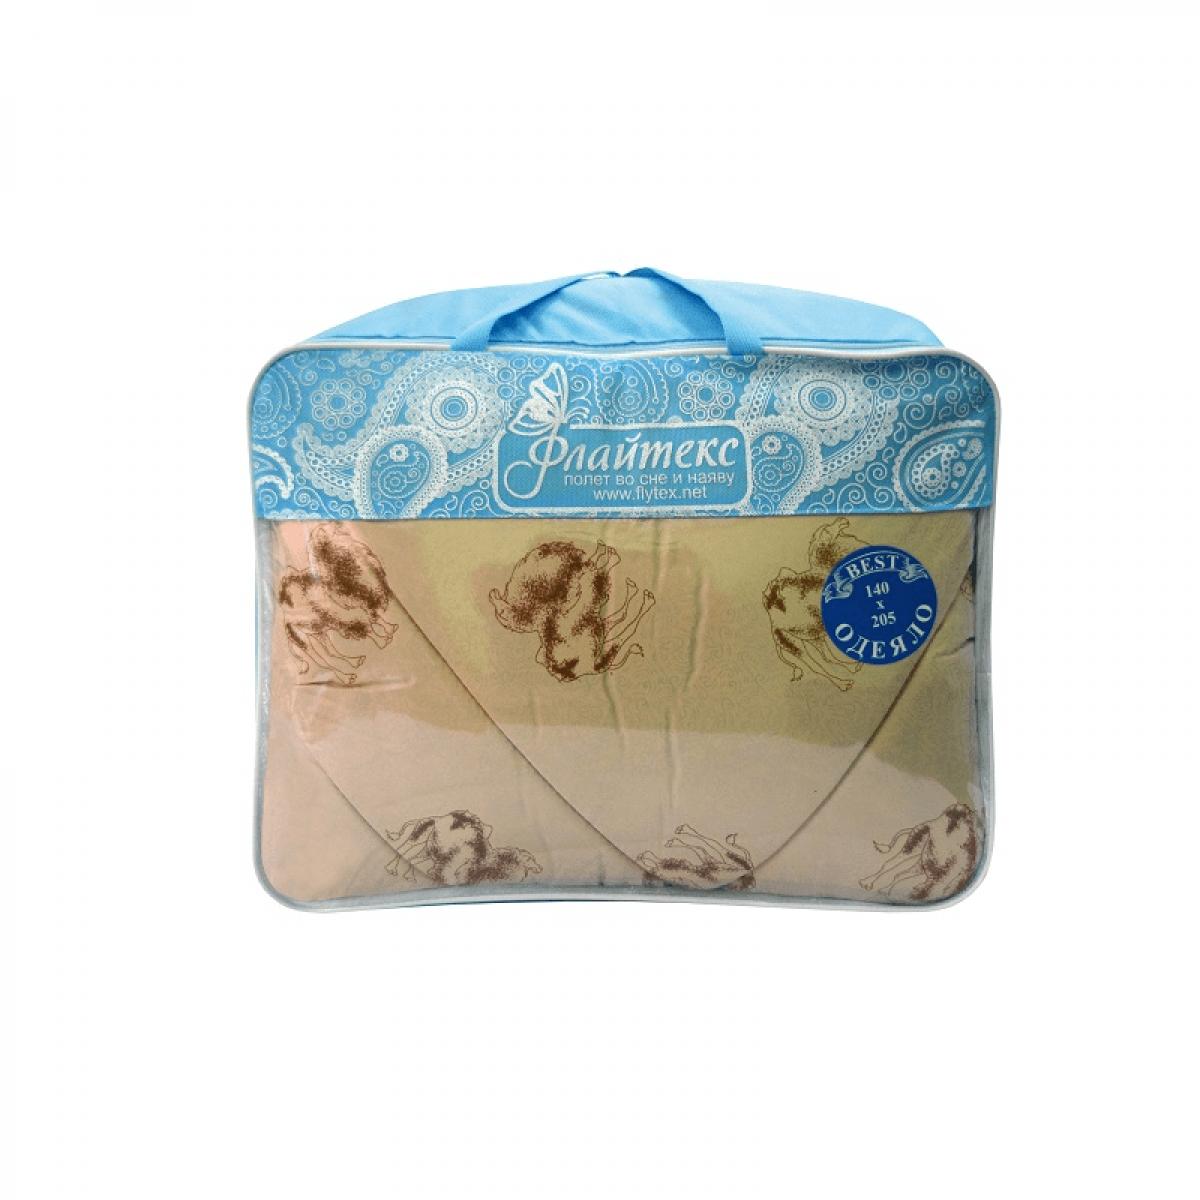 Одеяло коллекции Бест (верблюжья шерсть, зимнее)